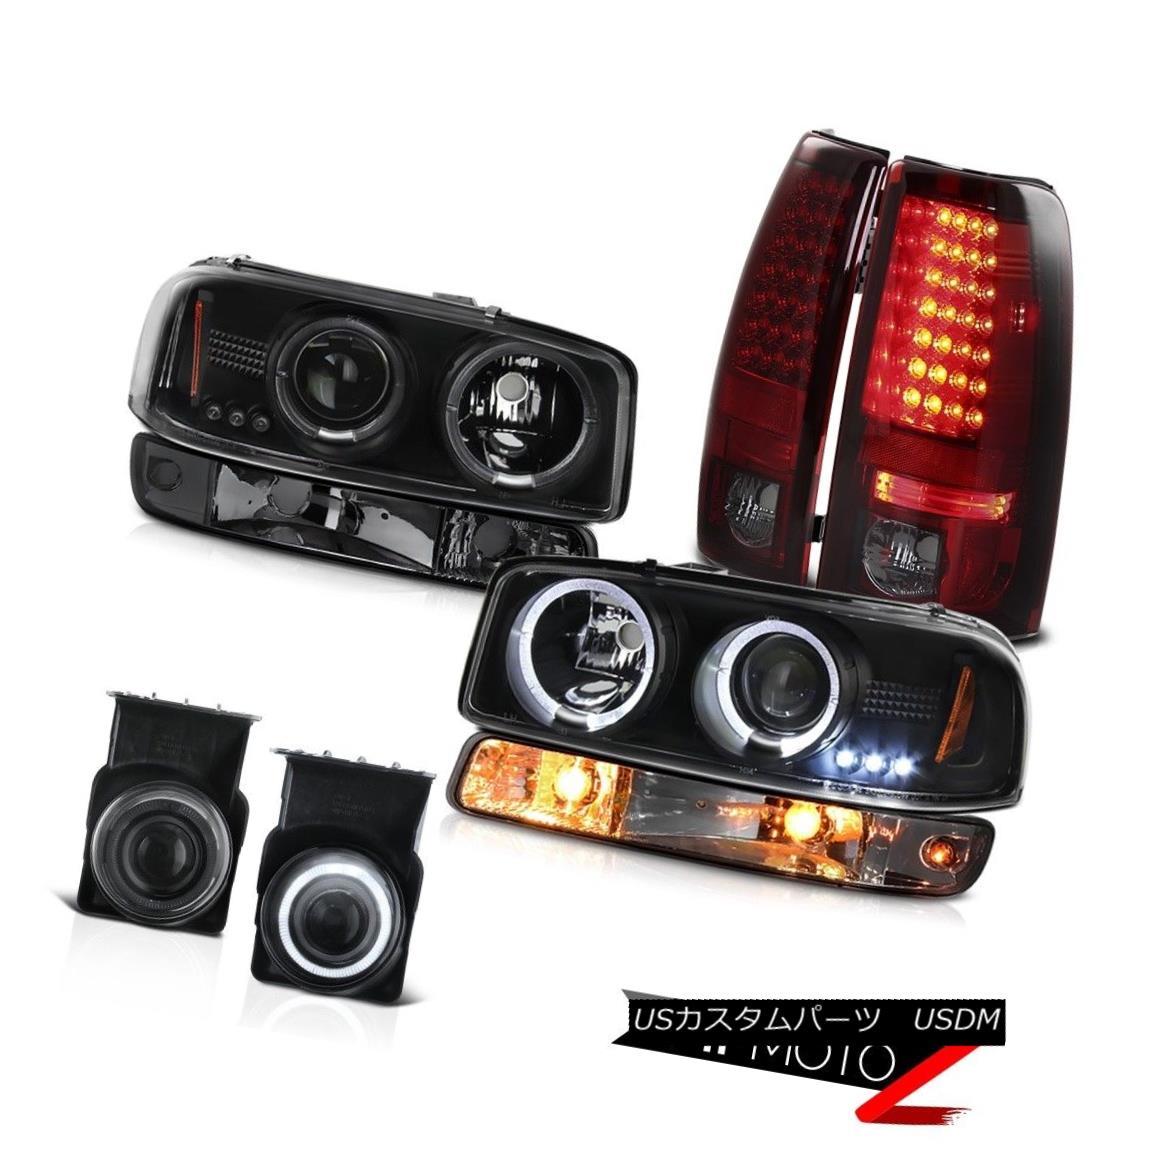 テールライト 03-06 Sierra SLT Smoked foglamps tail brake lamps signal light black headlights 03-06 Sierra SLTスモークフォグランプテールブレーキランプシグナルライトブラックヘッドライト